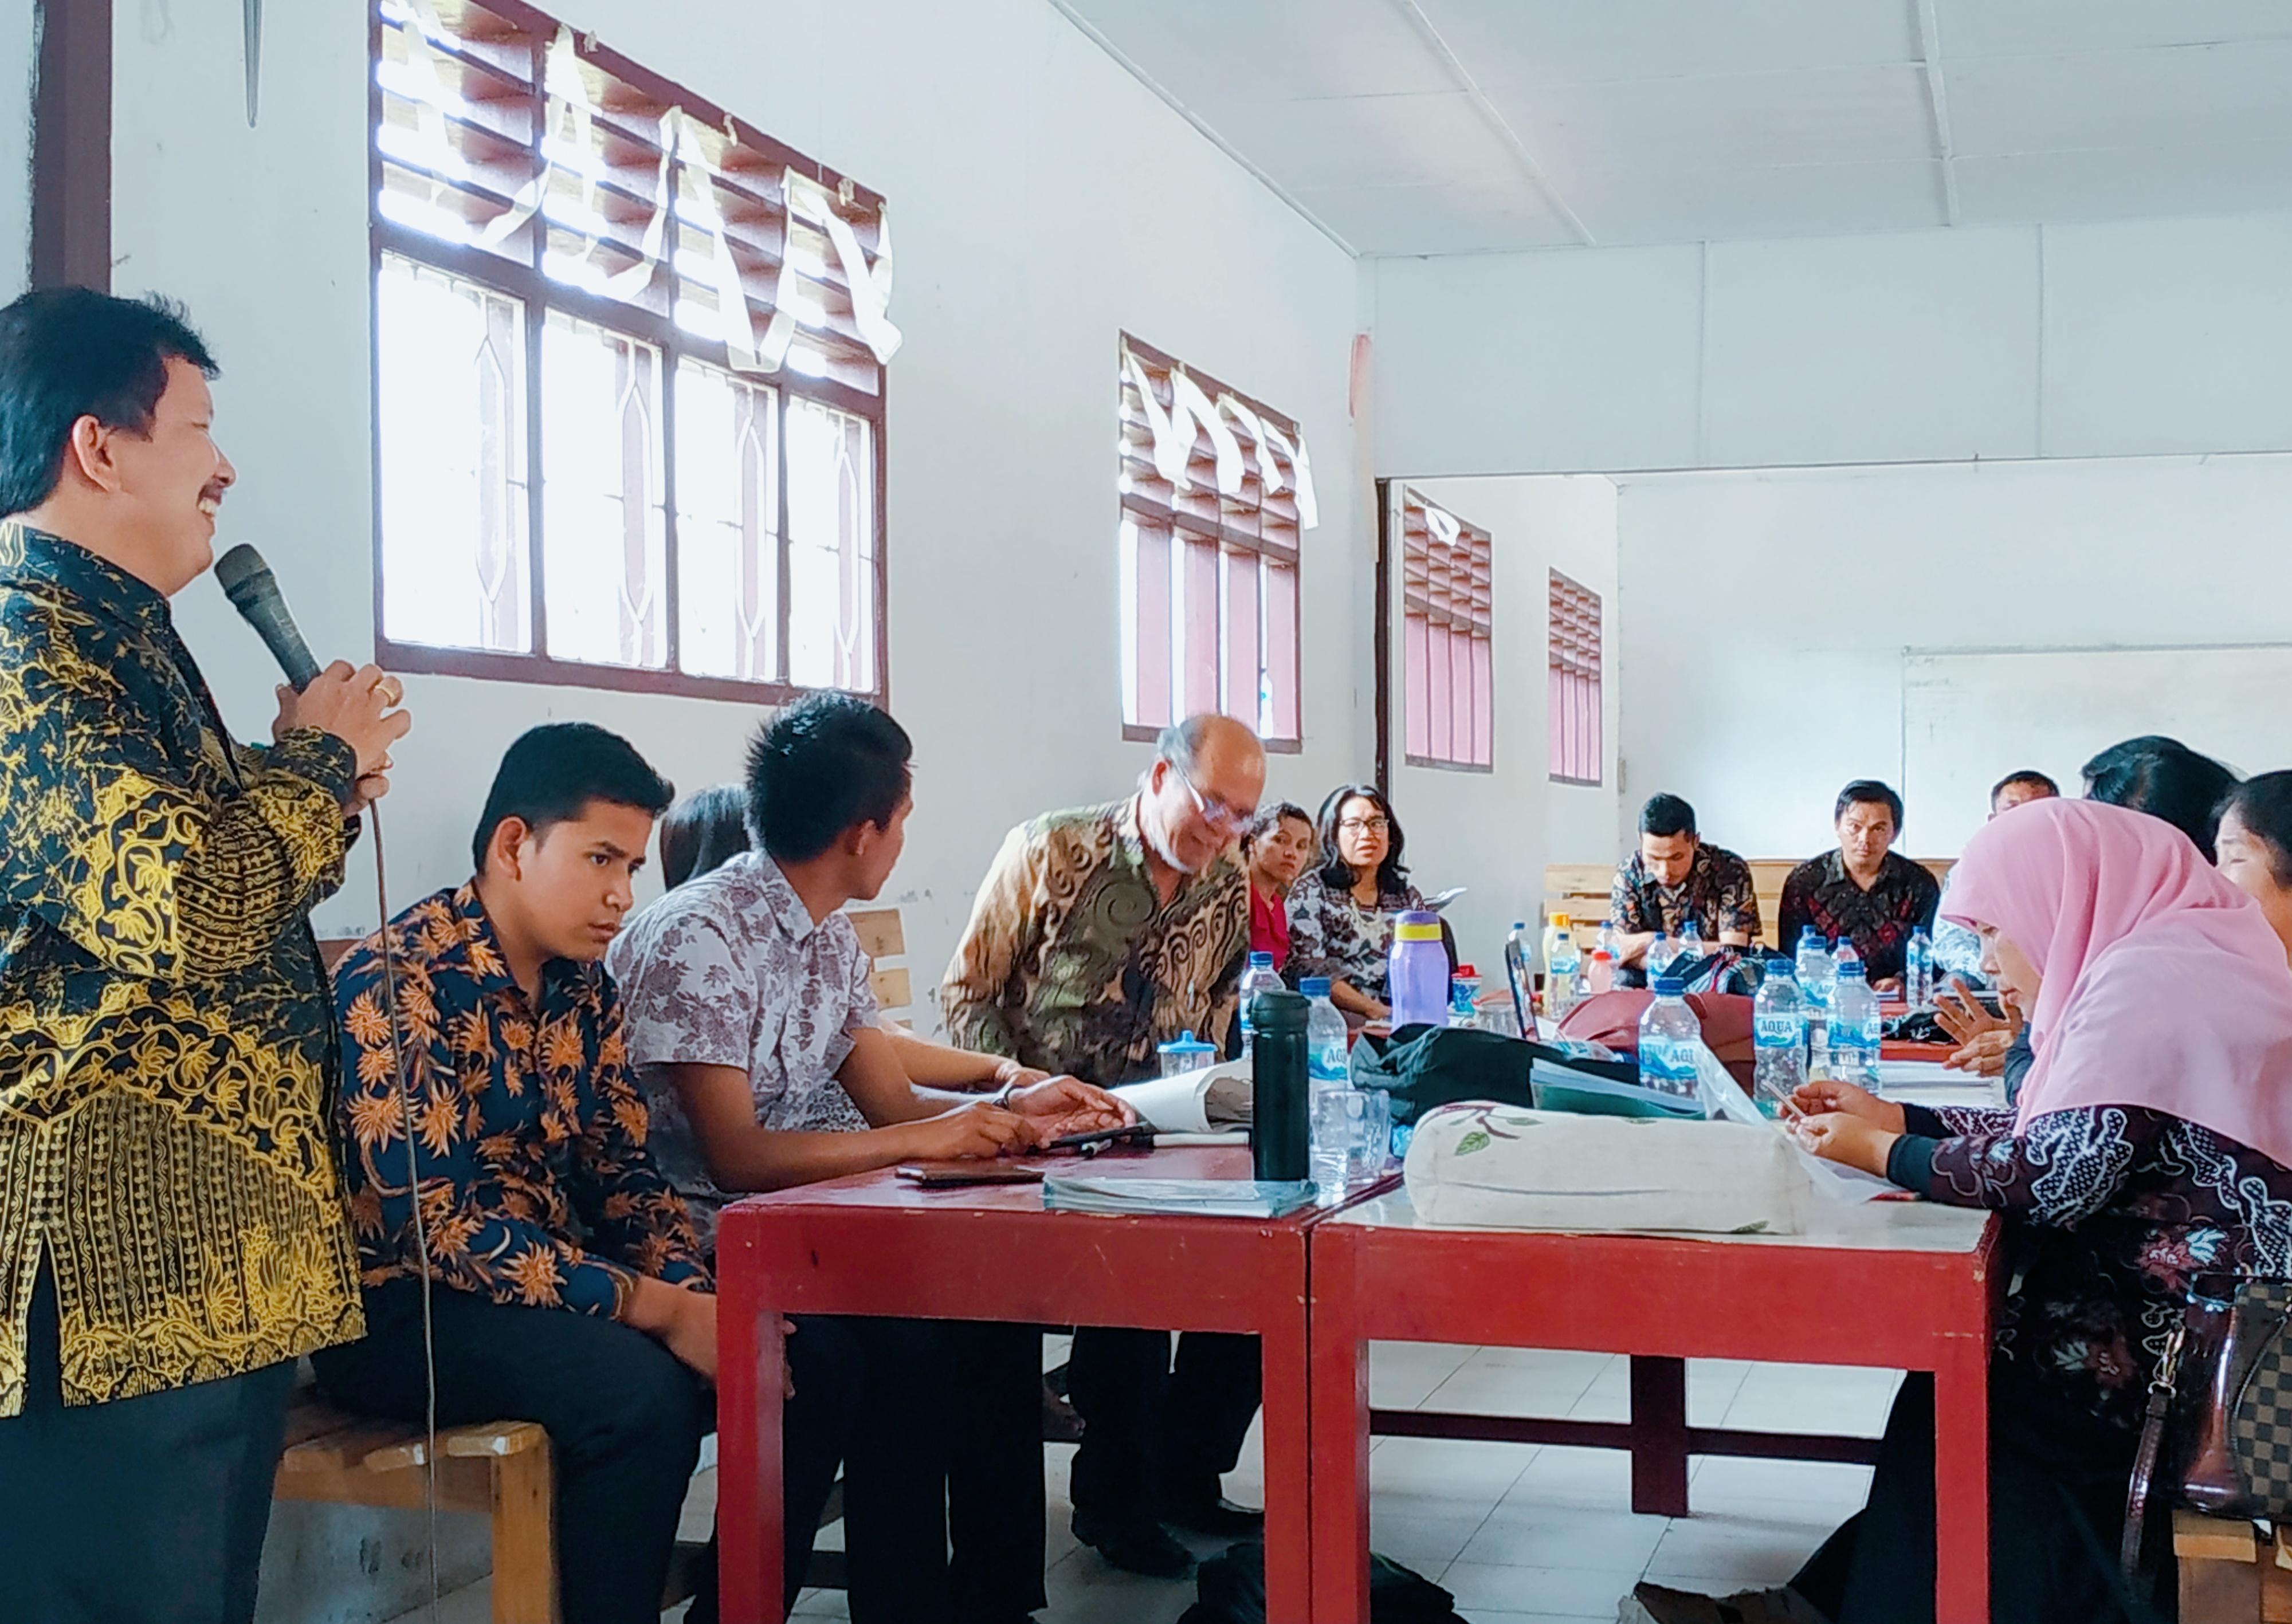 Sekolah Anugerah dan Sekolah Parulian 6 Kabupaten Dairi Siap Menyambut Merdeka Belajar